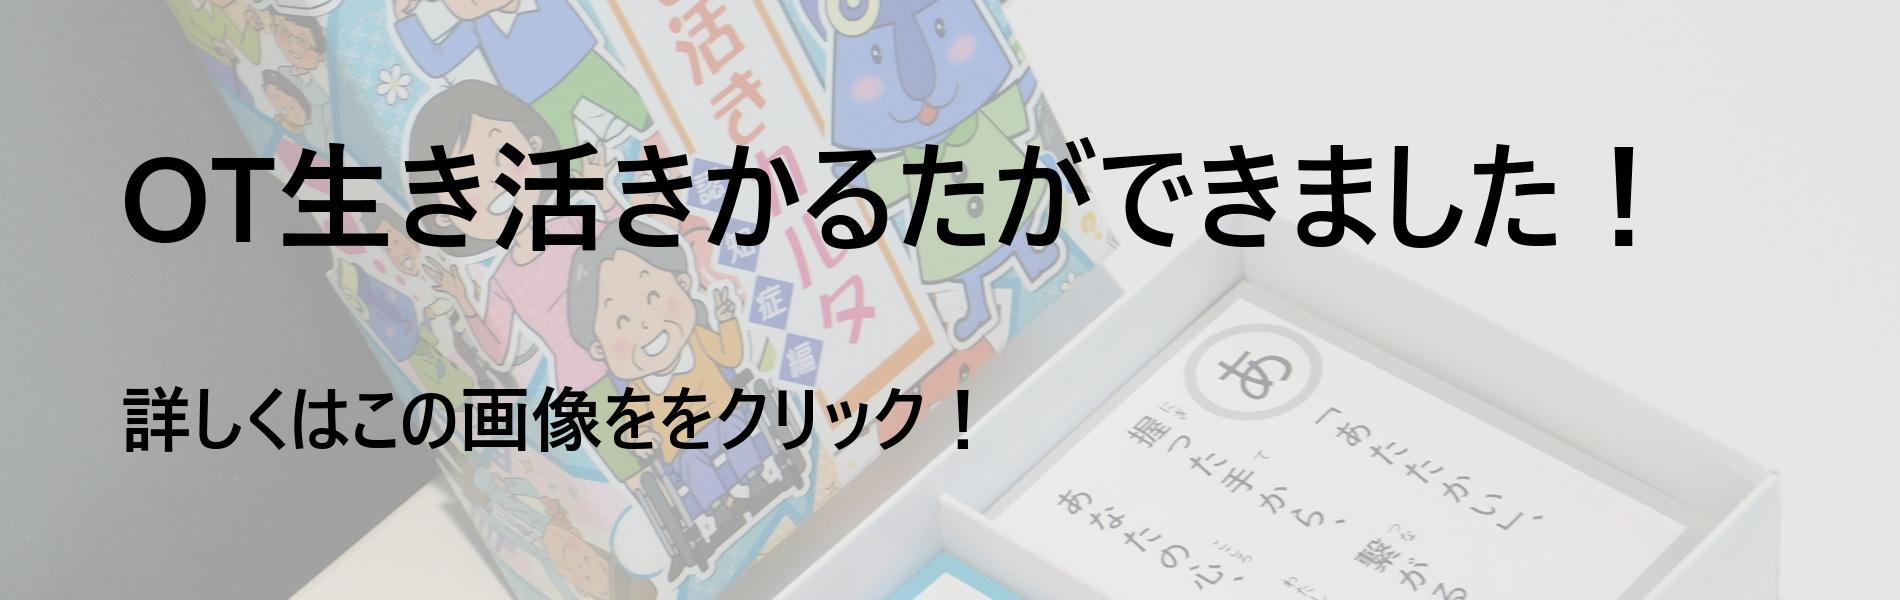 OT_karuta